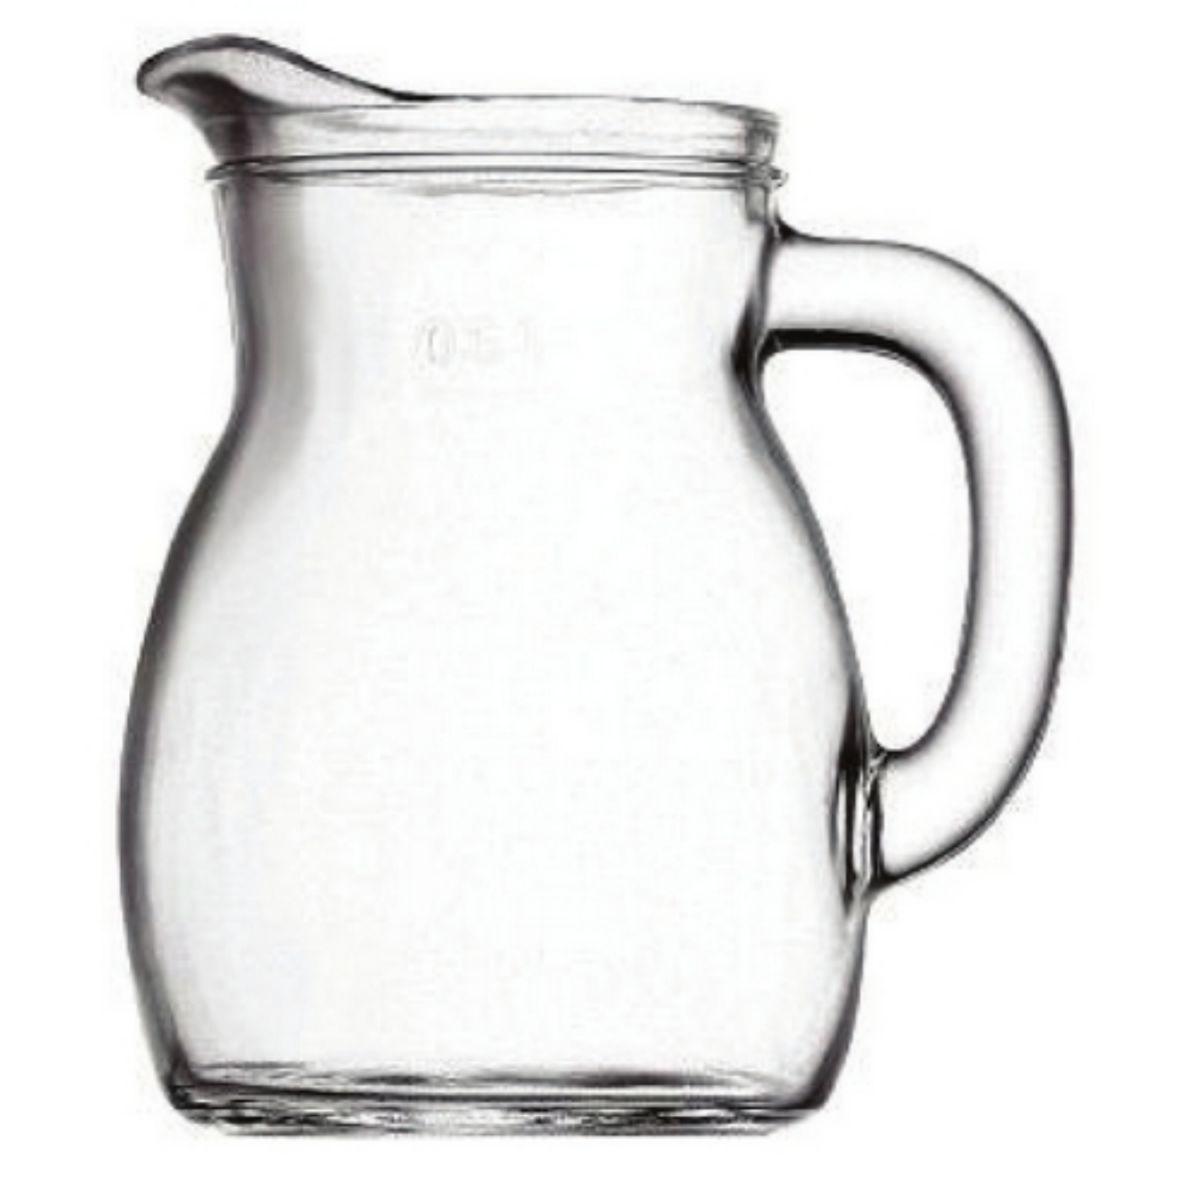 Bormioli Rocco | skleněný džbánek, Bistrot 116 cl